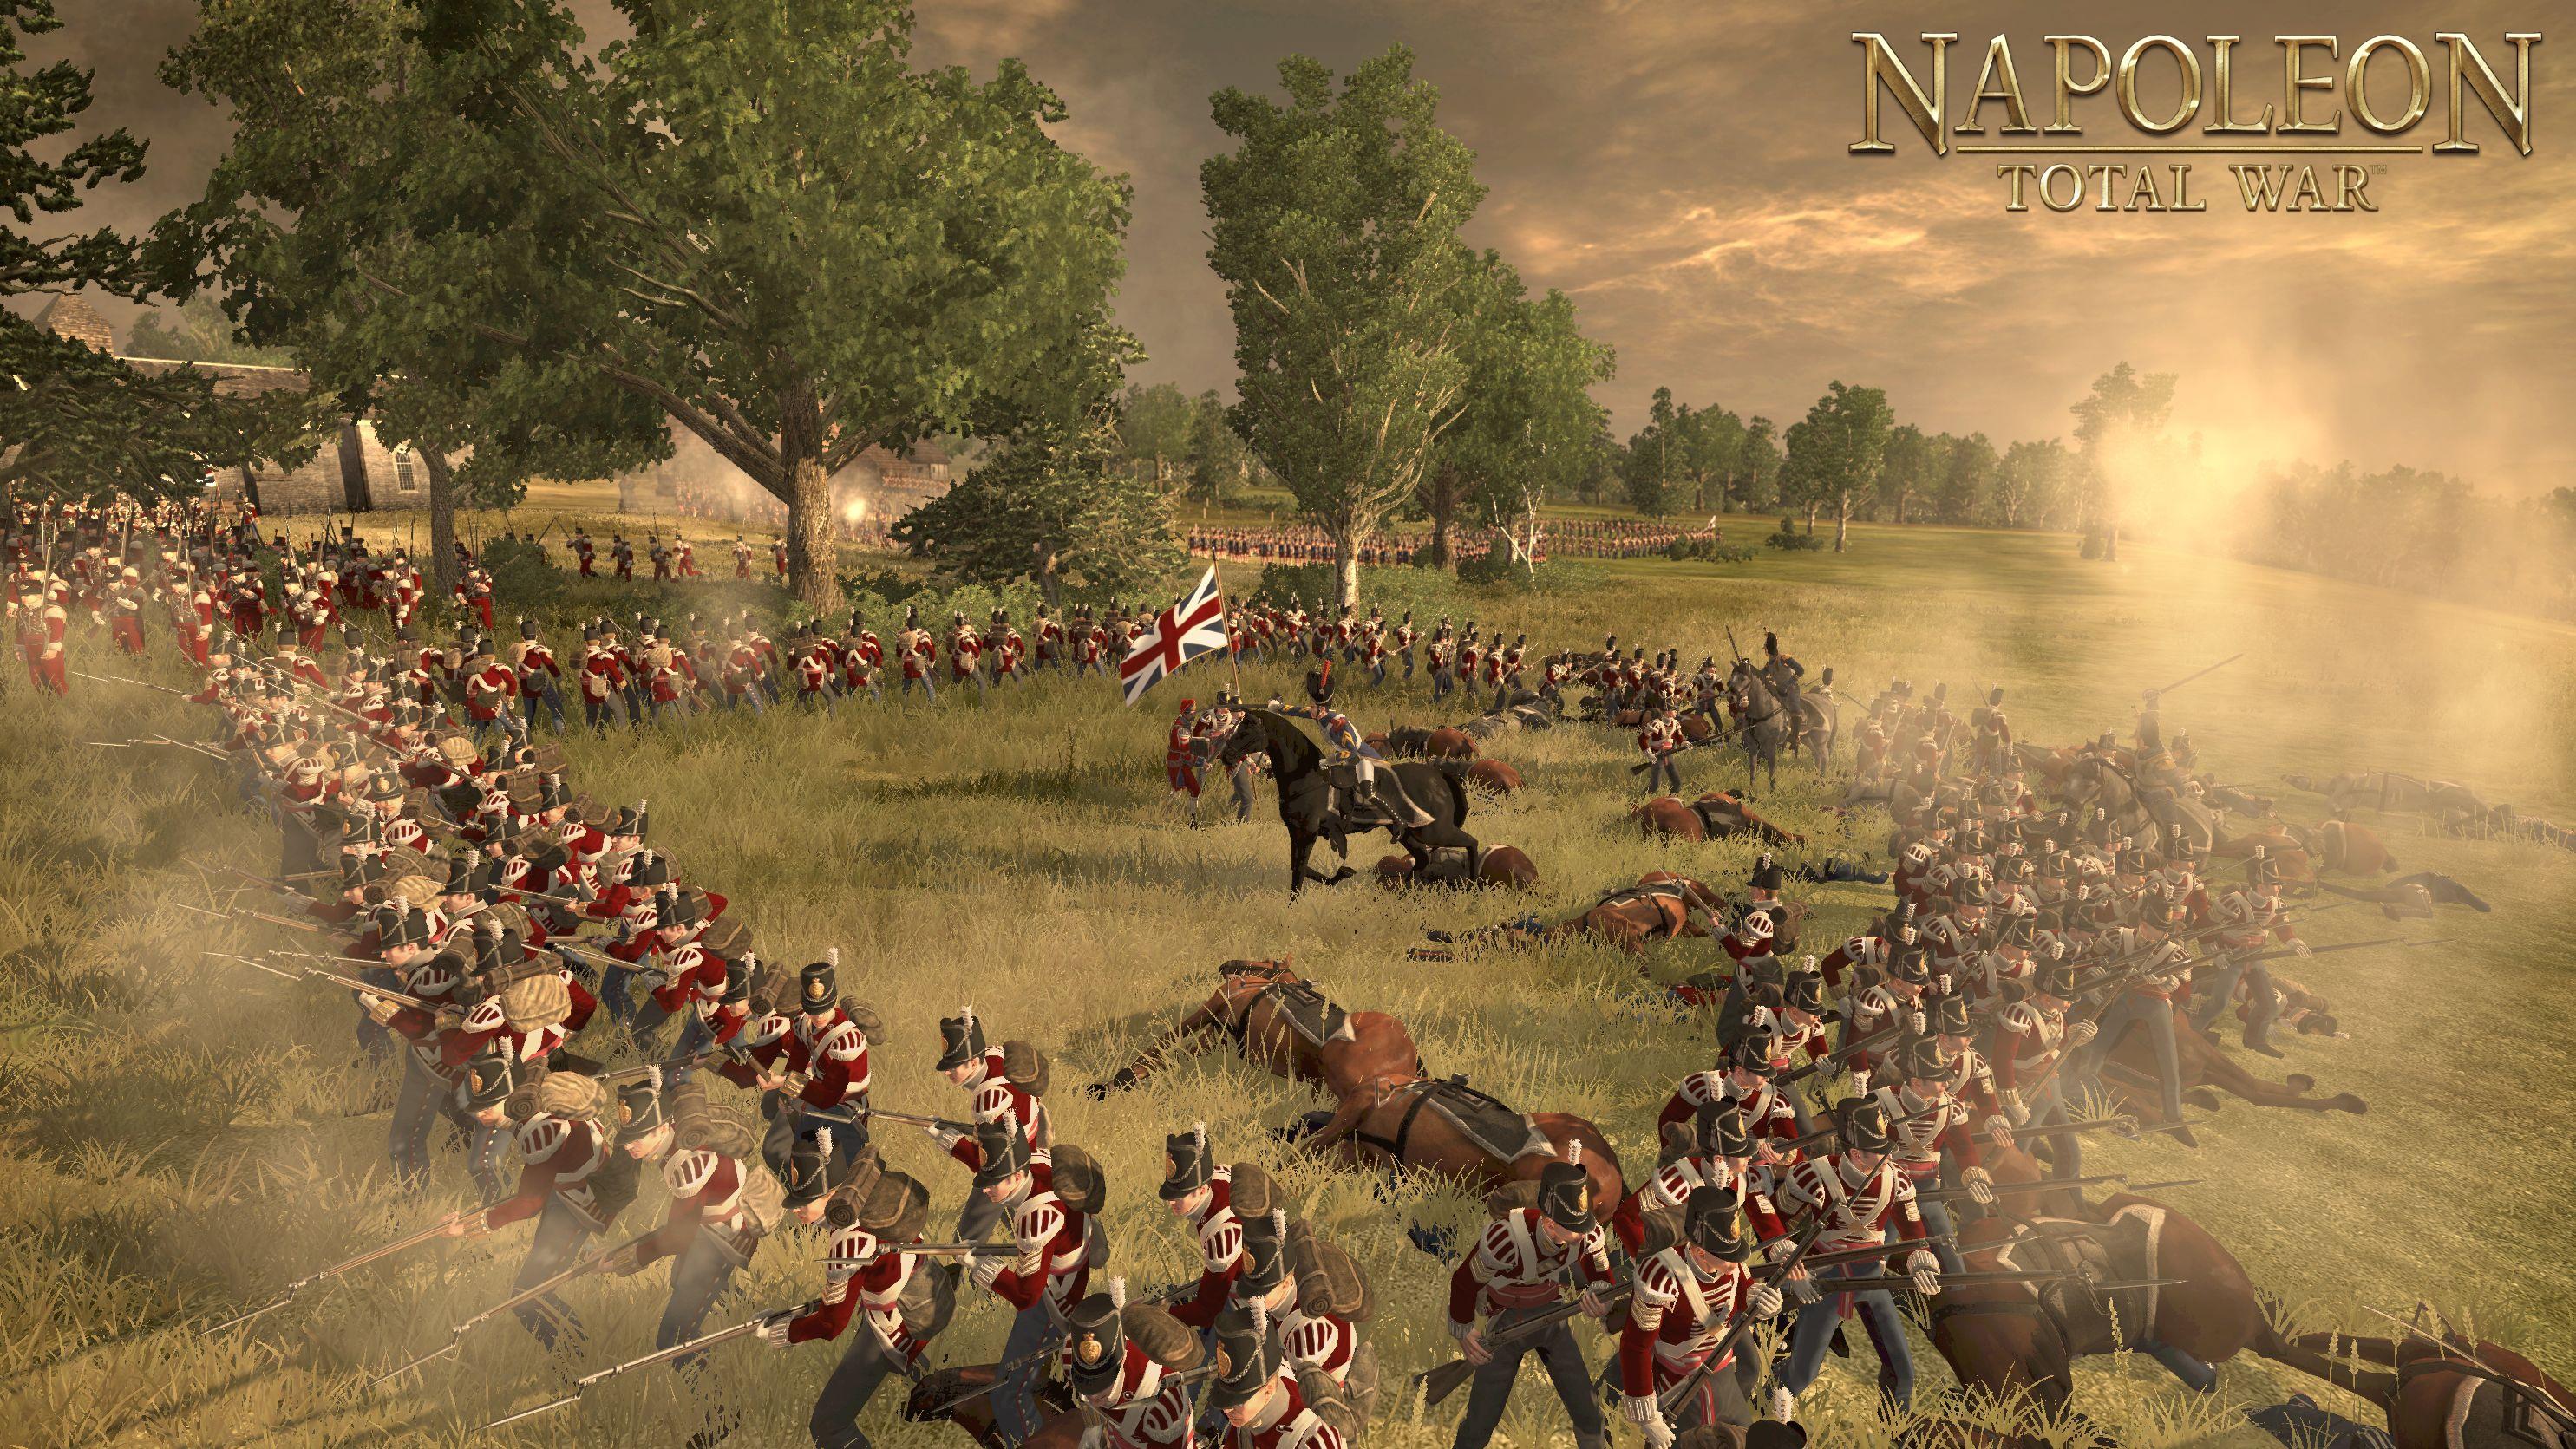 Napoleon Total War Wallpapers 2970x1671